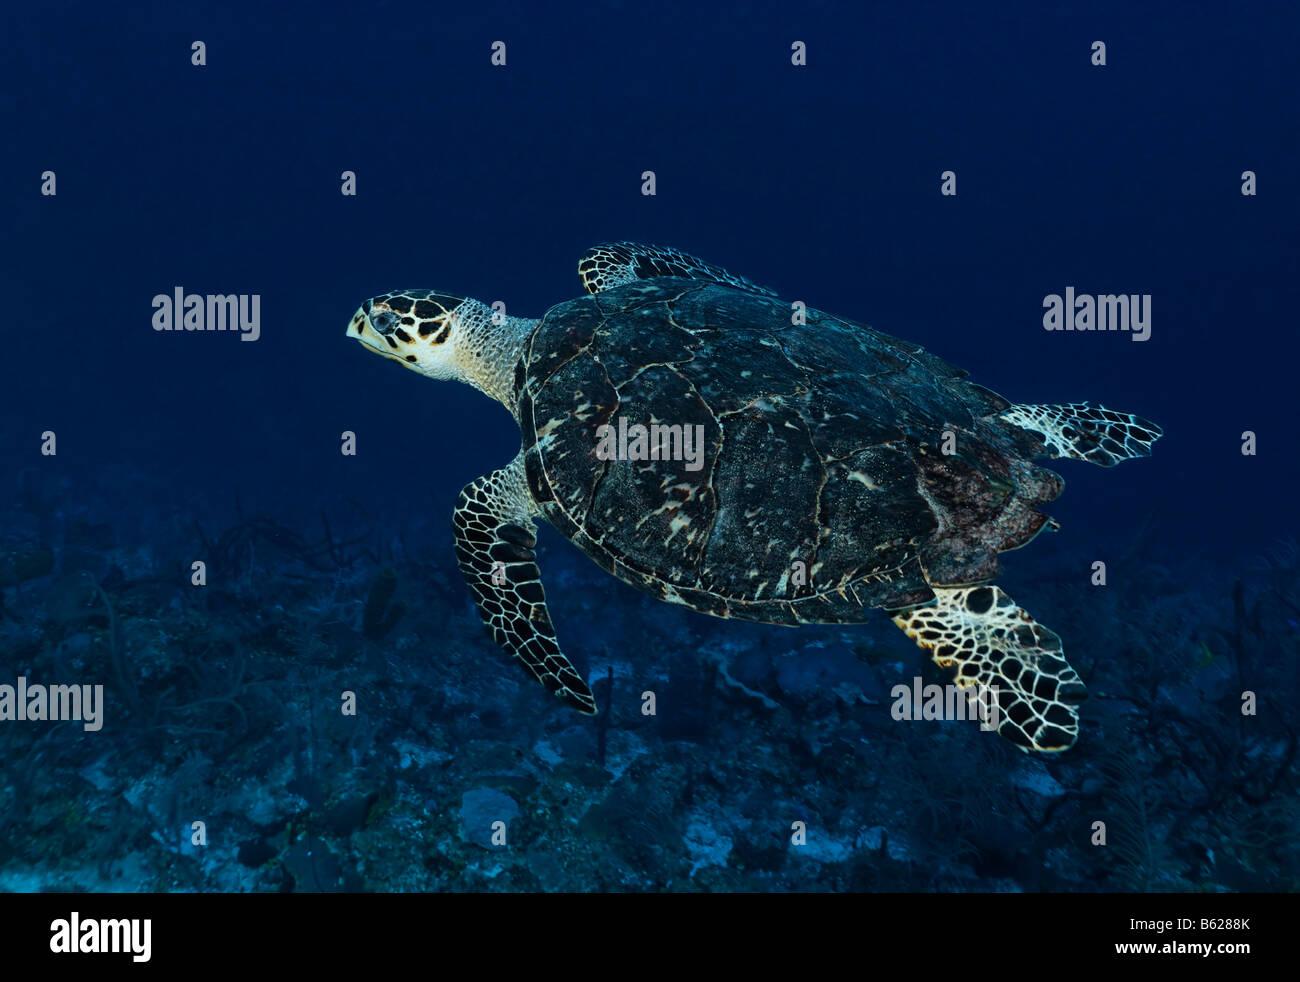 Echte Karettschildkröte (Eretmochelys Imbricata) Schwimmen im blauen Wasser hoch über einem Korallenriff, Stockbild